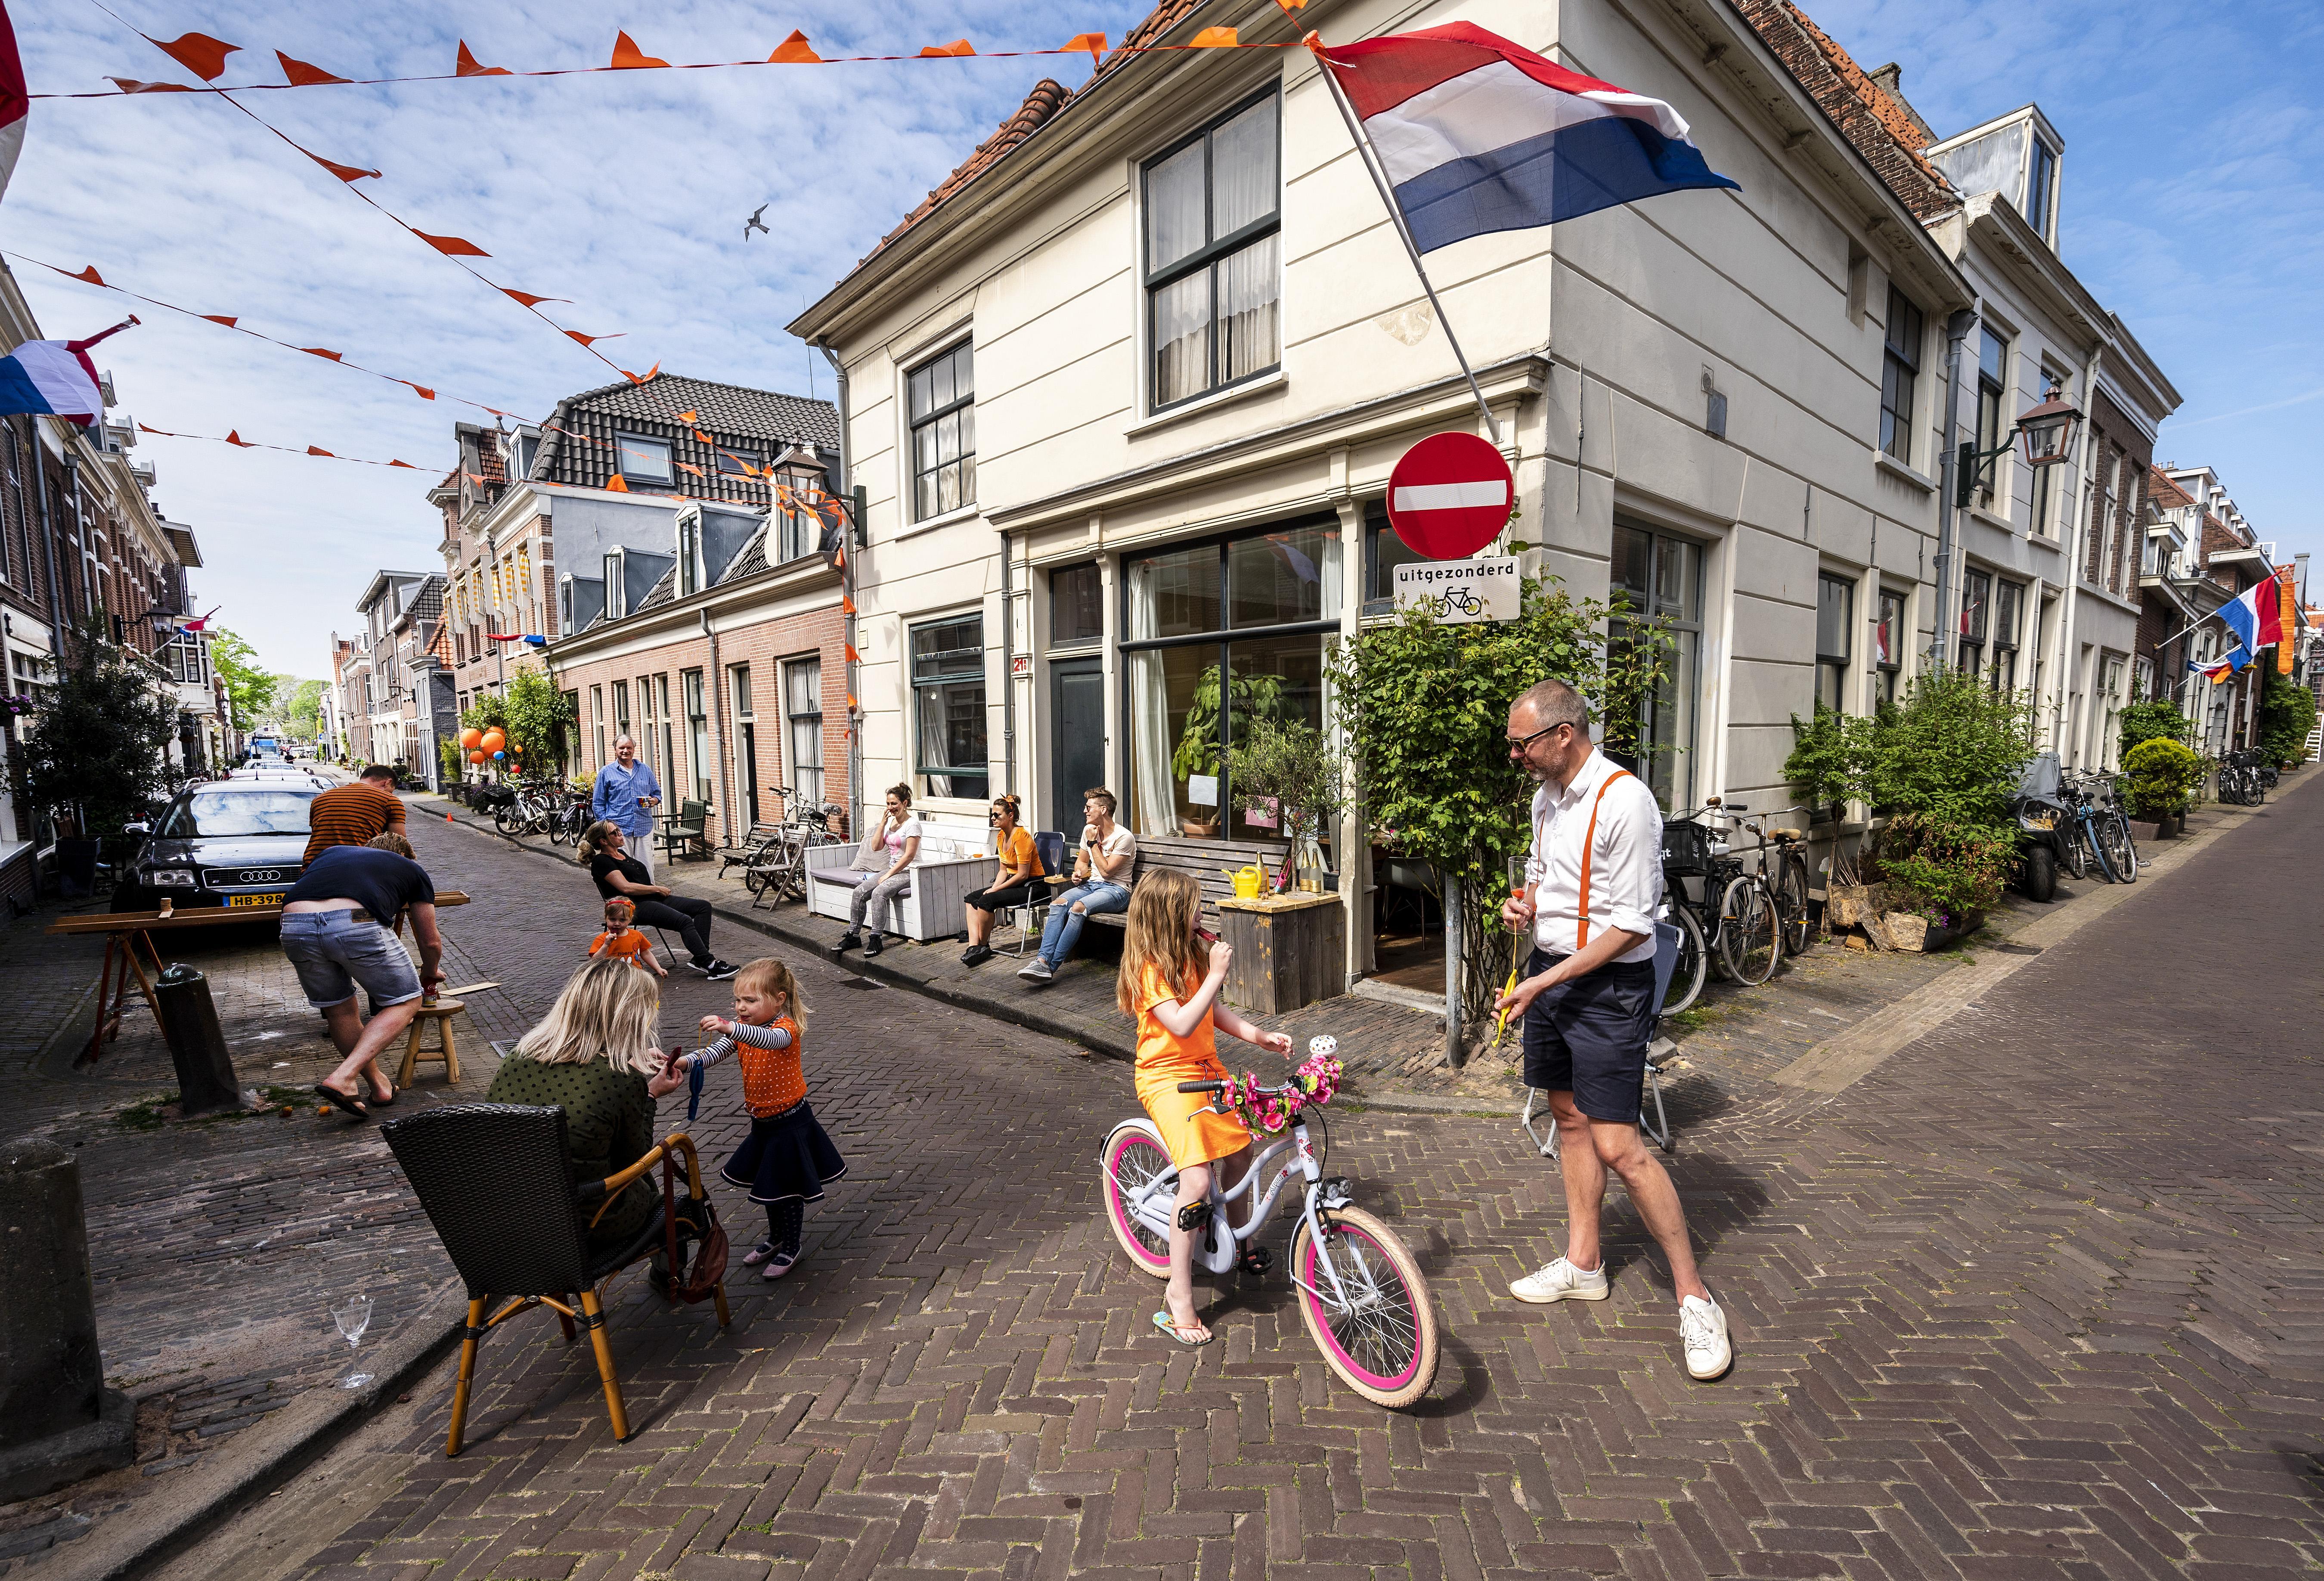 Op jacht naar oranje tompoucen; gemoedelijke sfeer op Woningsdag in centrum van Haarlem